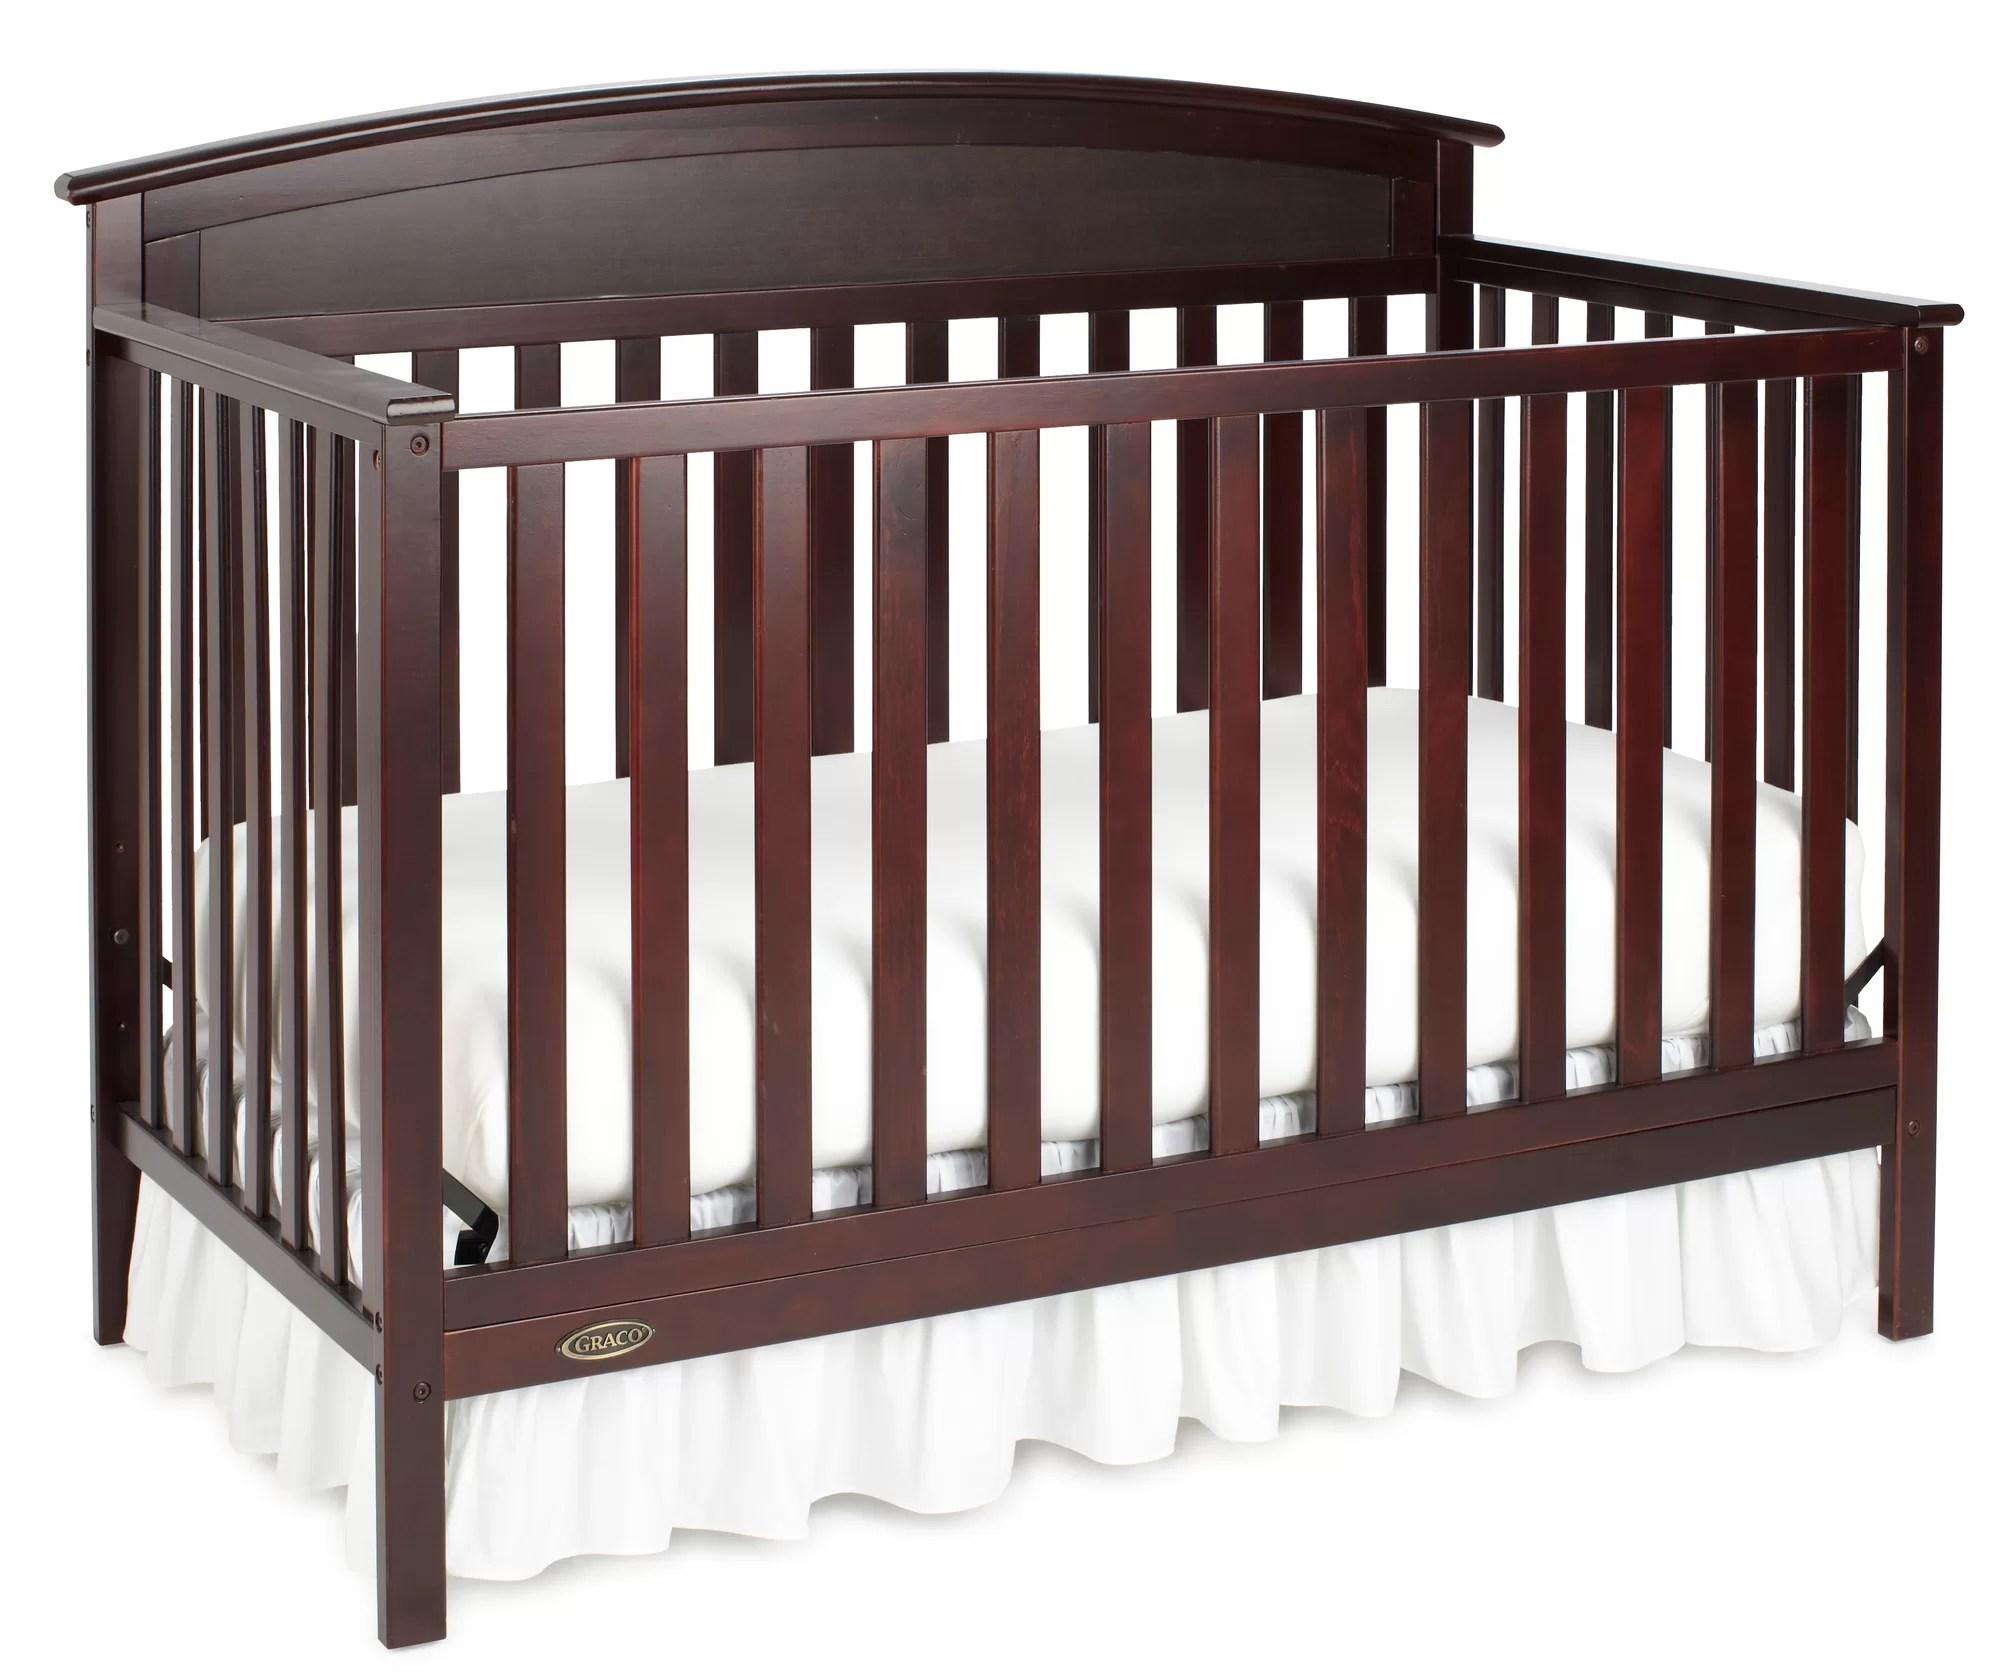 Graco Benton 3 in 1 Convertible Crib | eBay